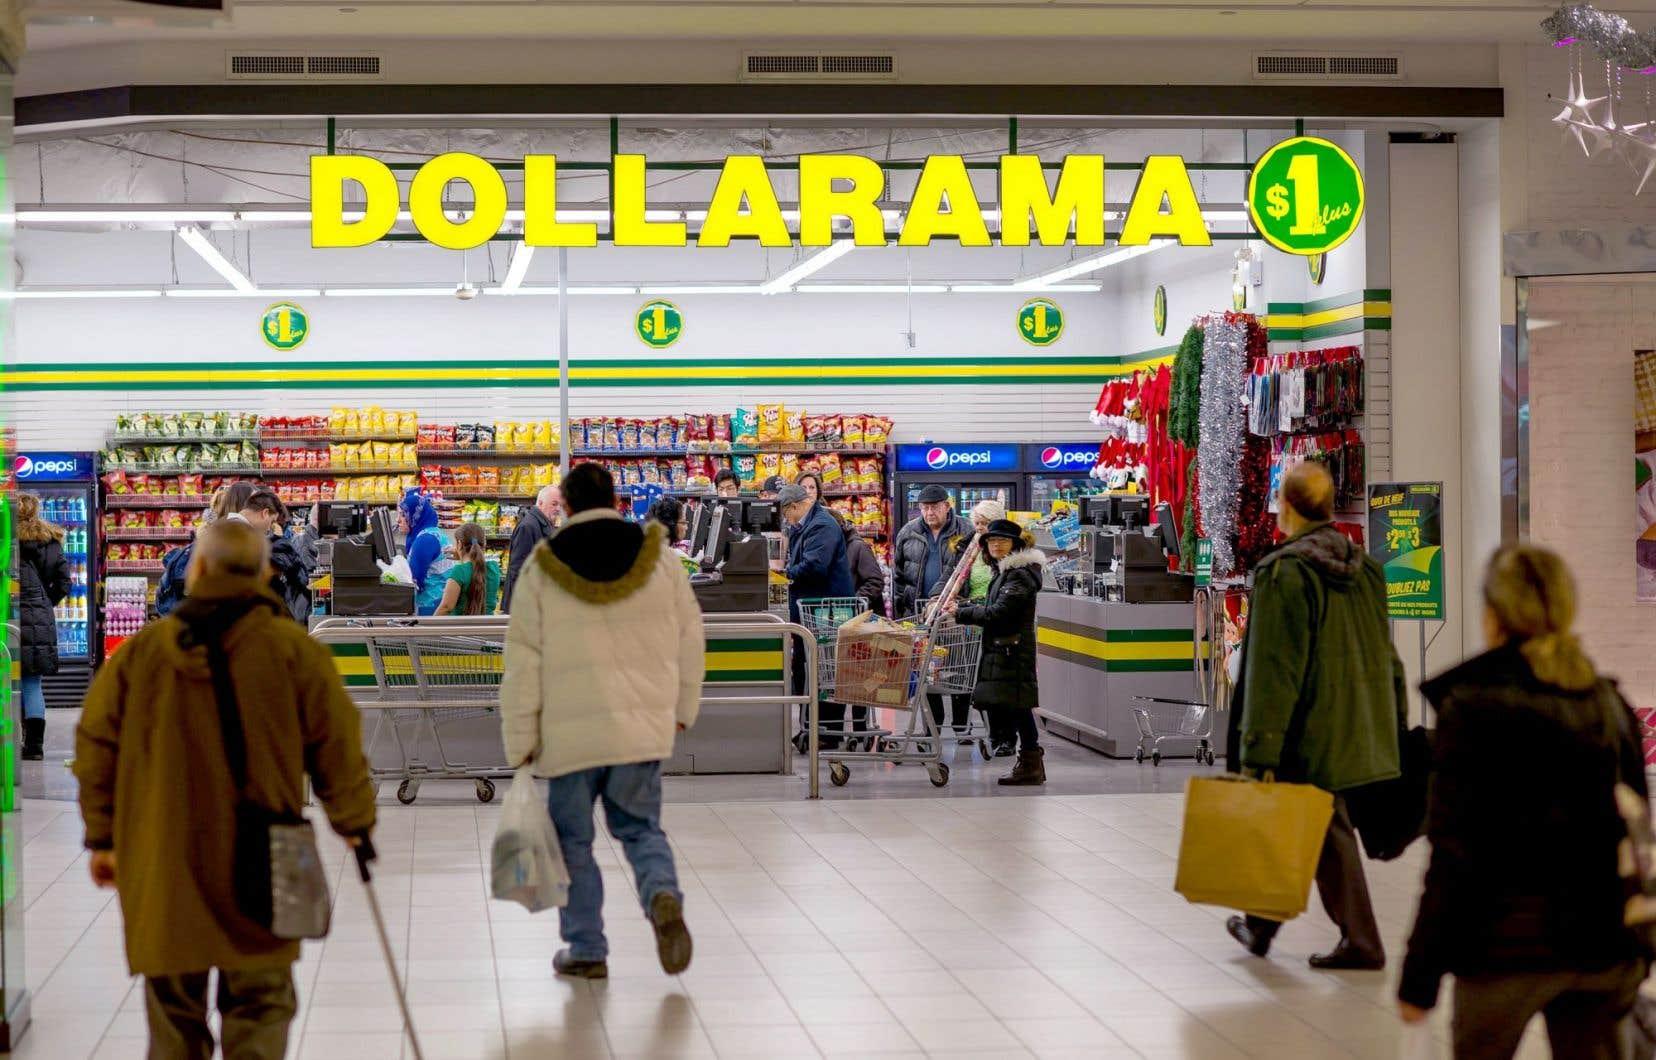 Les racines de Dollarama remontent à plus d'un siècle, lorsque Salim Rossy a ouvert le premier magasin S. Rossy en 1910, à Montréal.